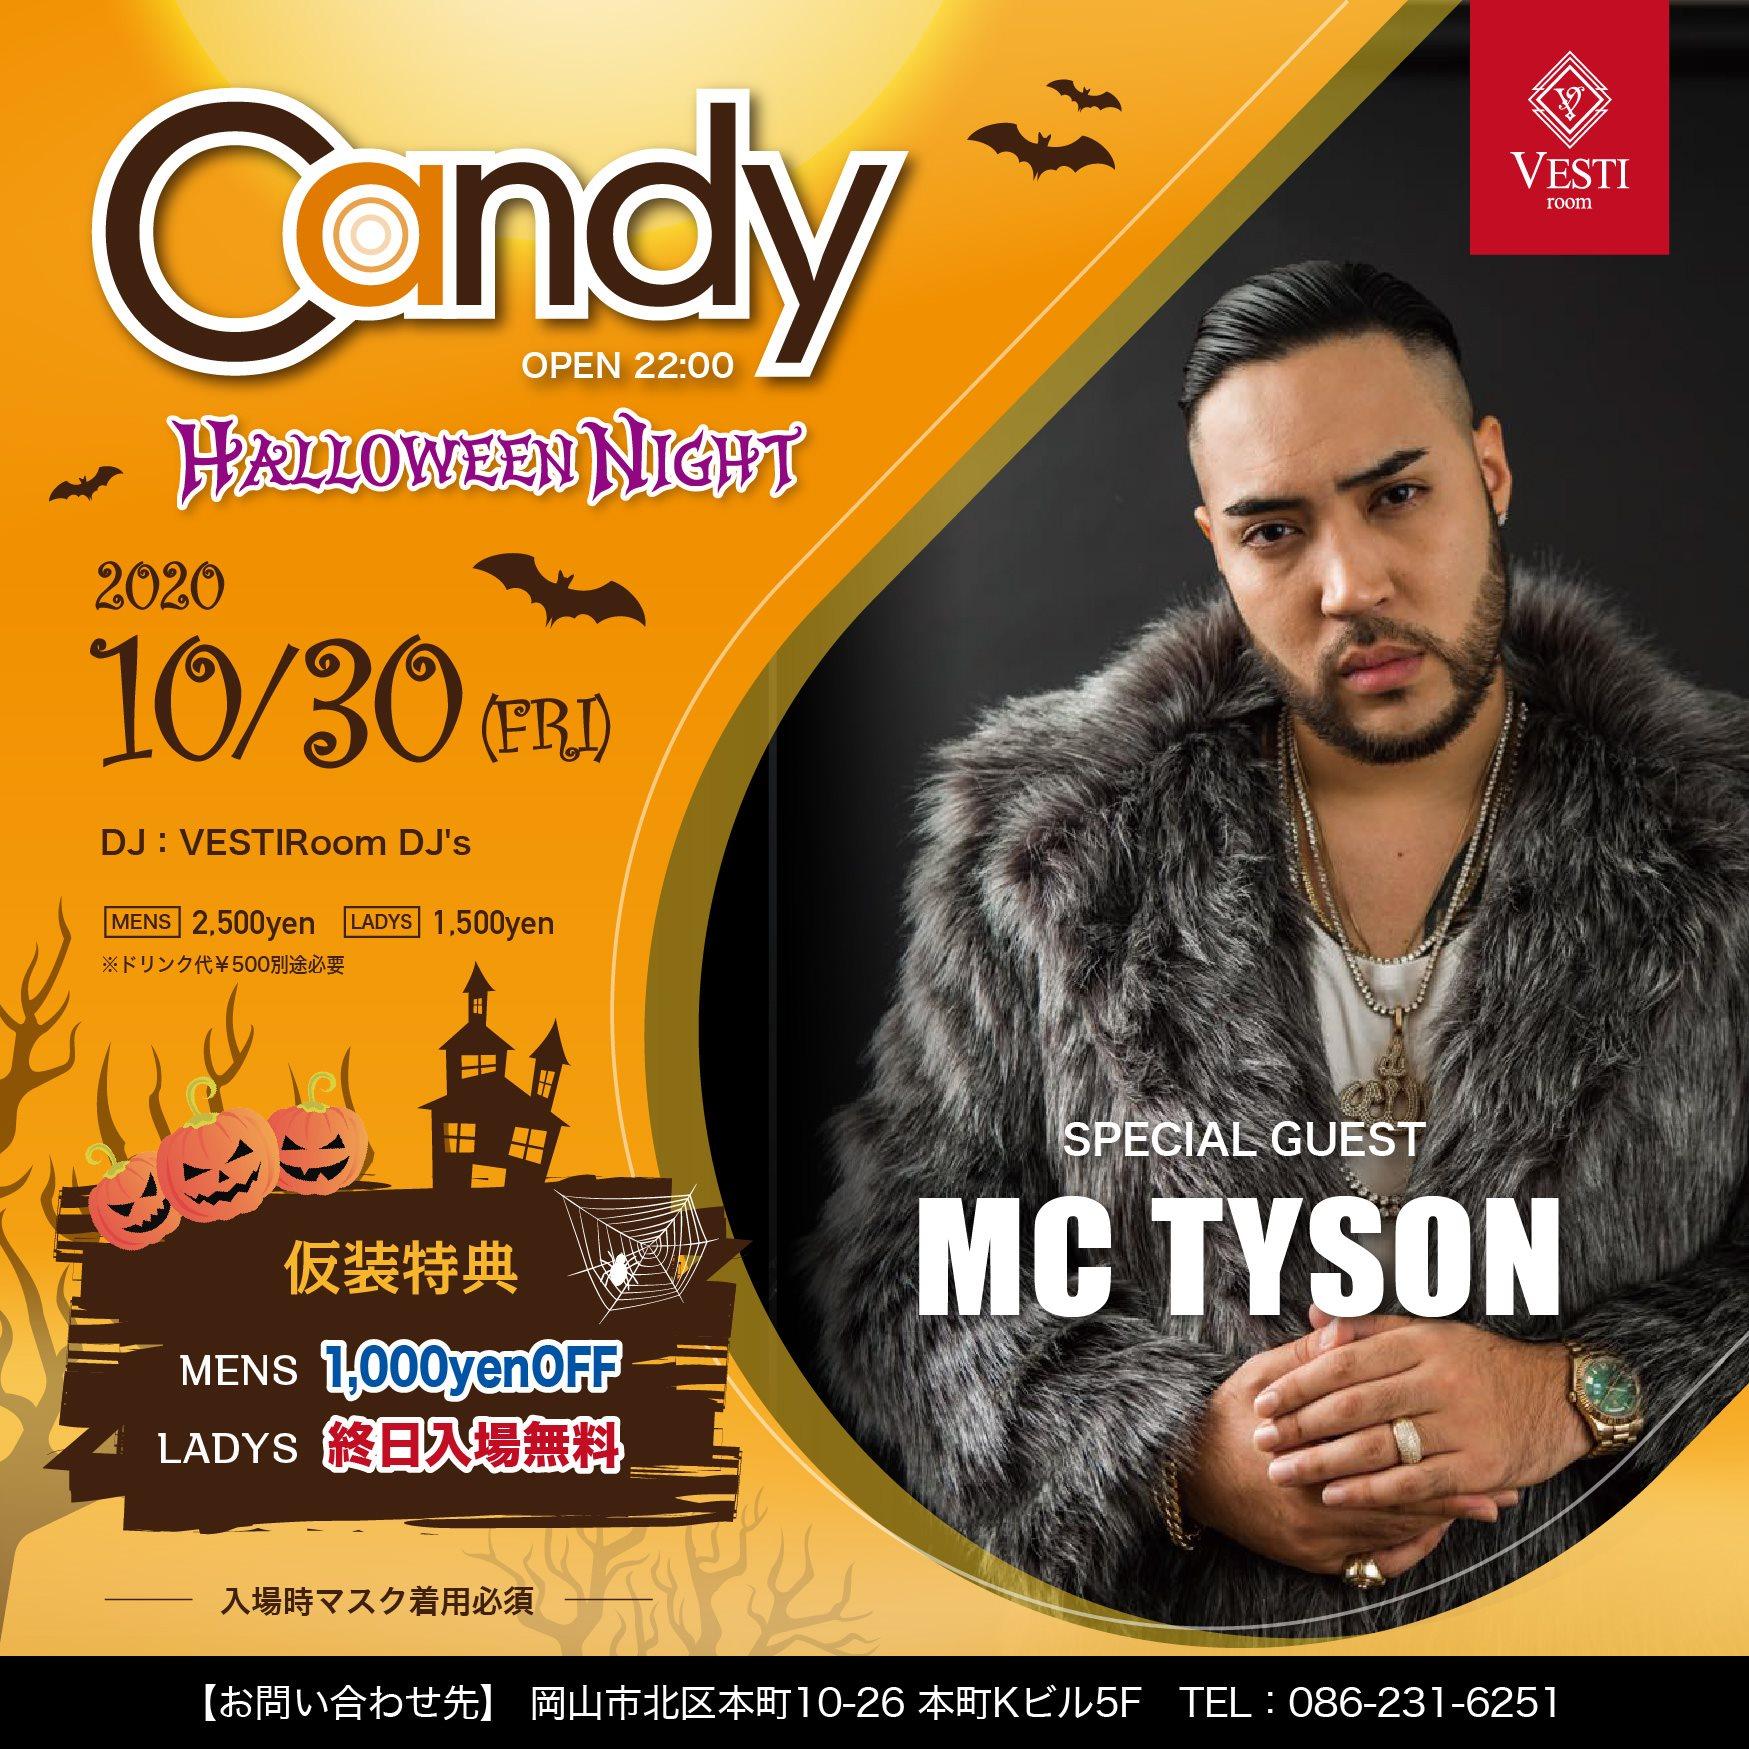 CANDY ~Guest Live MC TYSON~